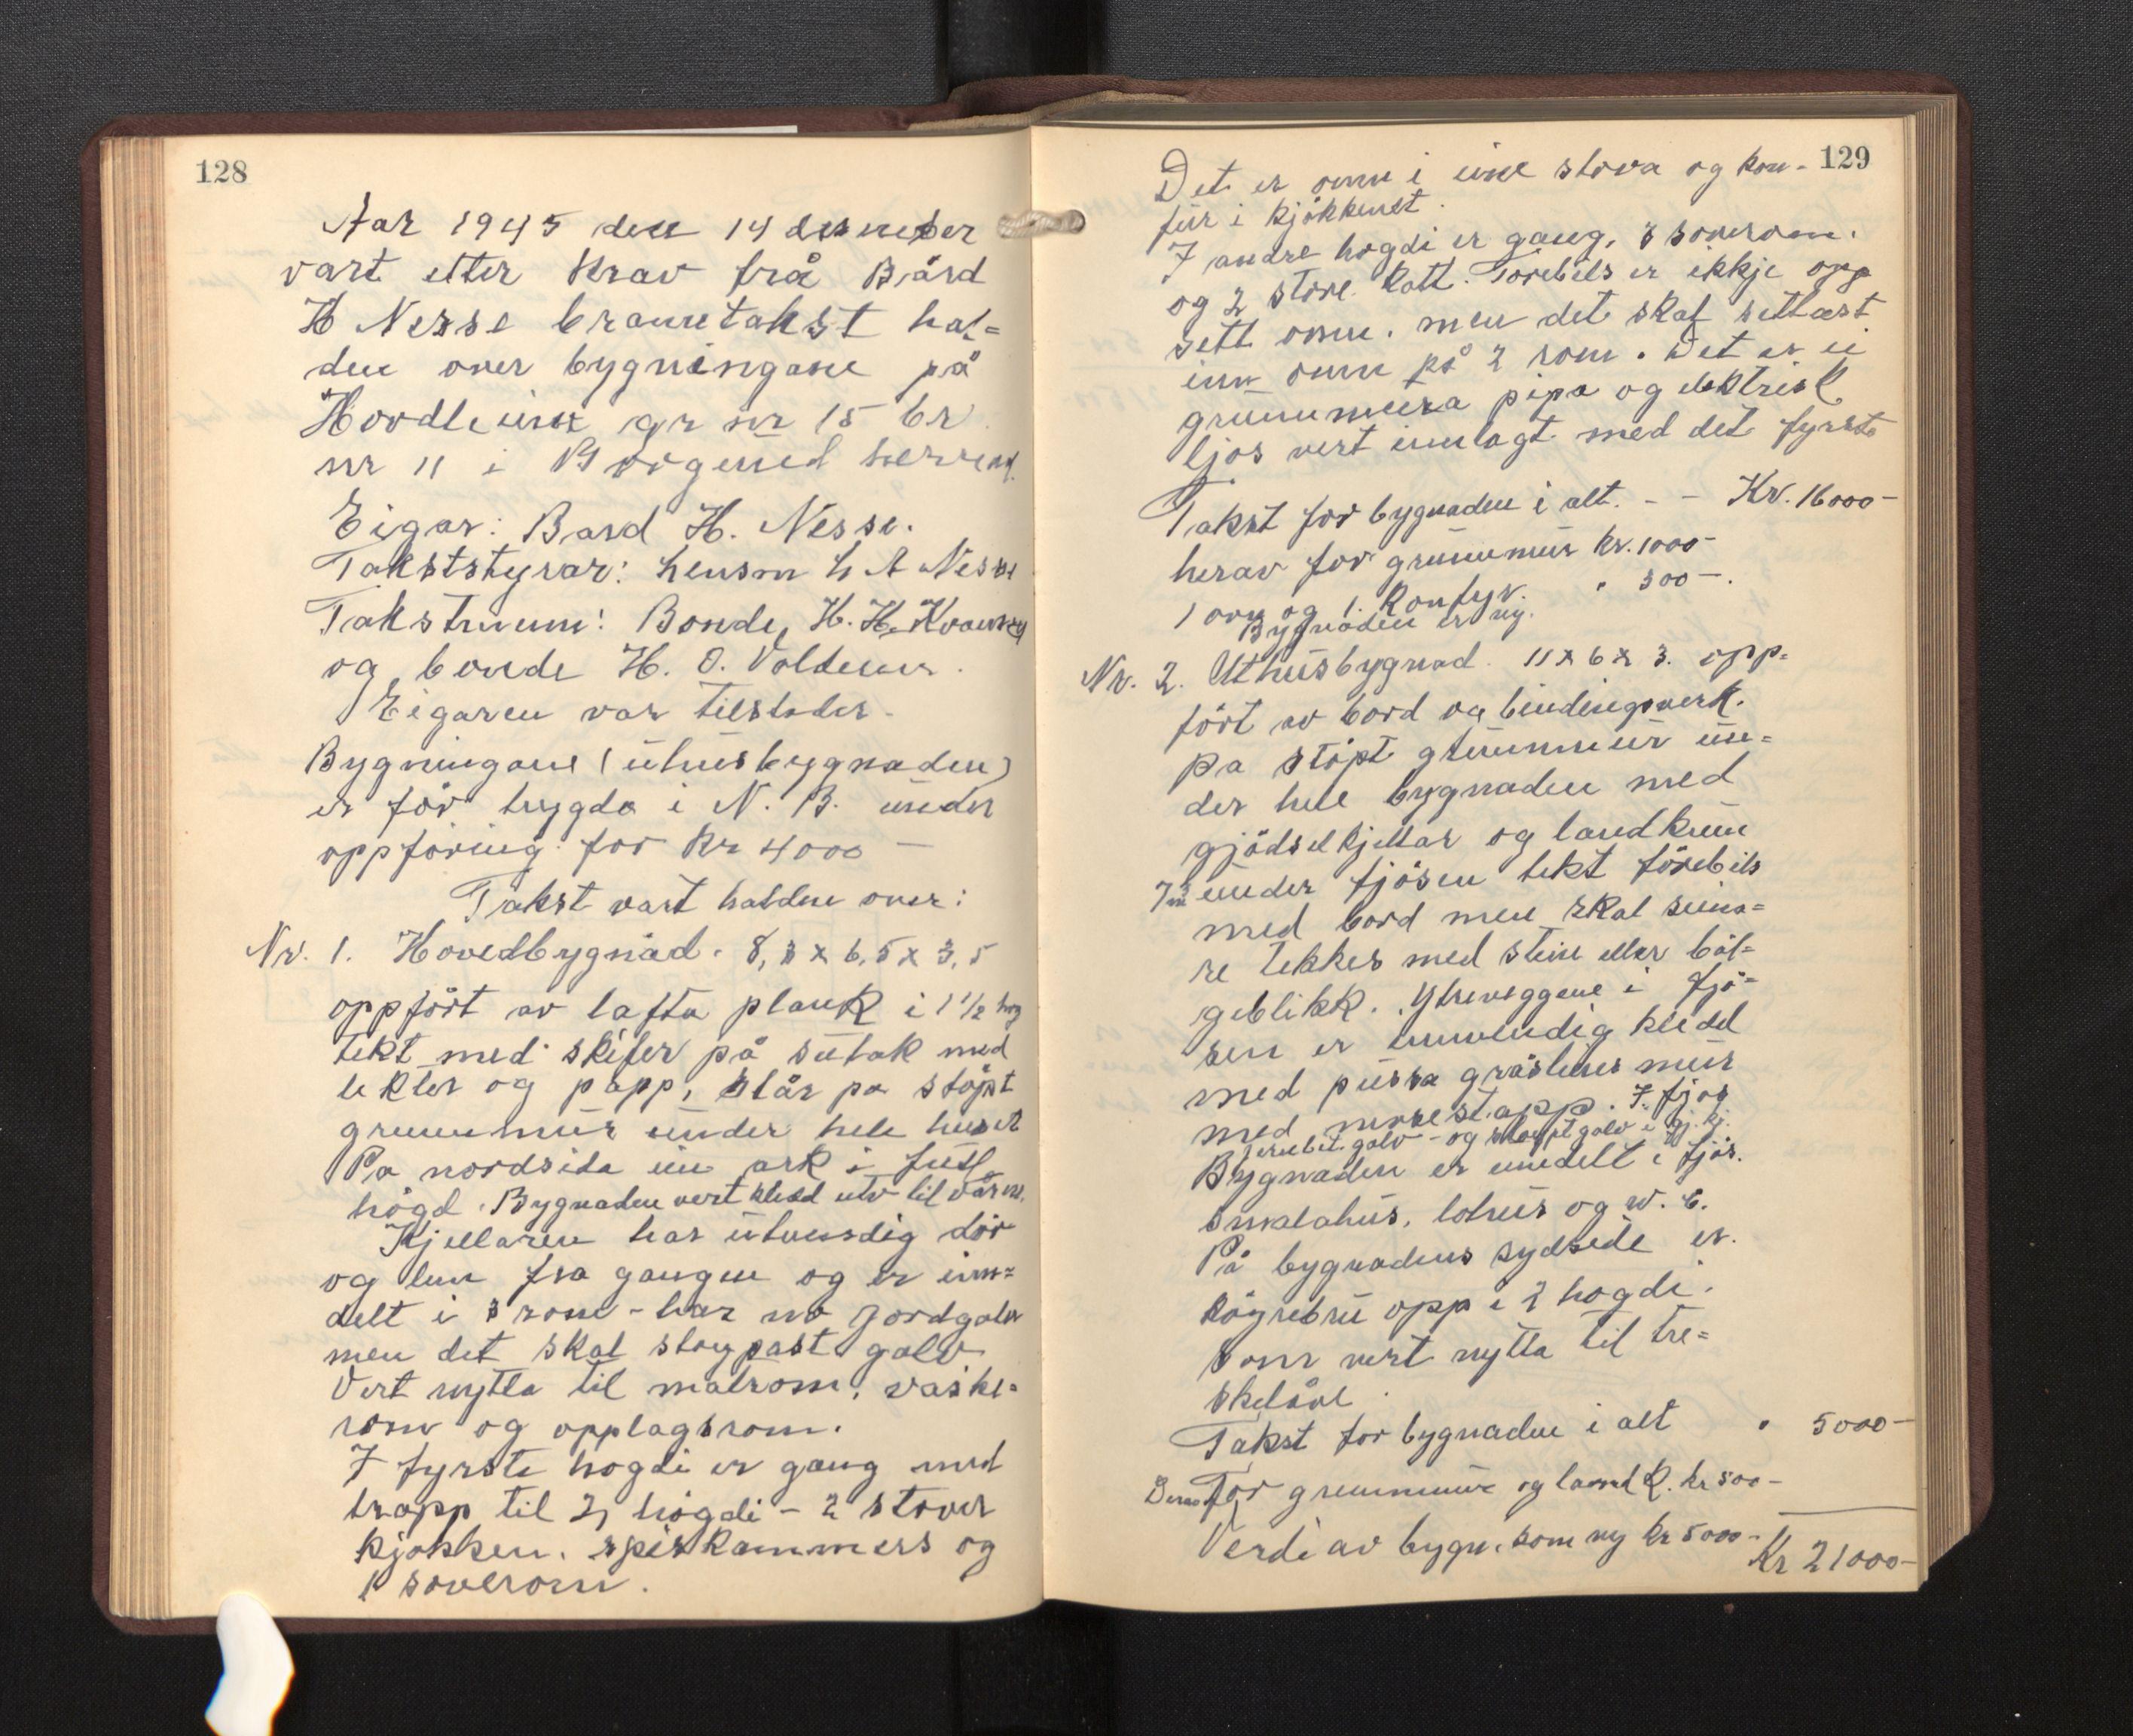 SAB, Lensmannen i Borgund, 0012/L0002: Branntakstprotokoll, 1929-1933, s. 128-129